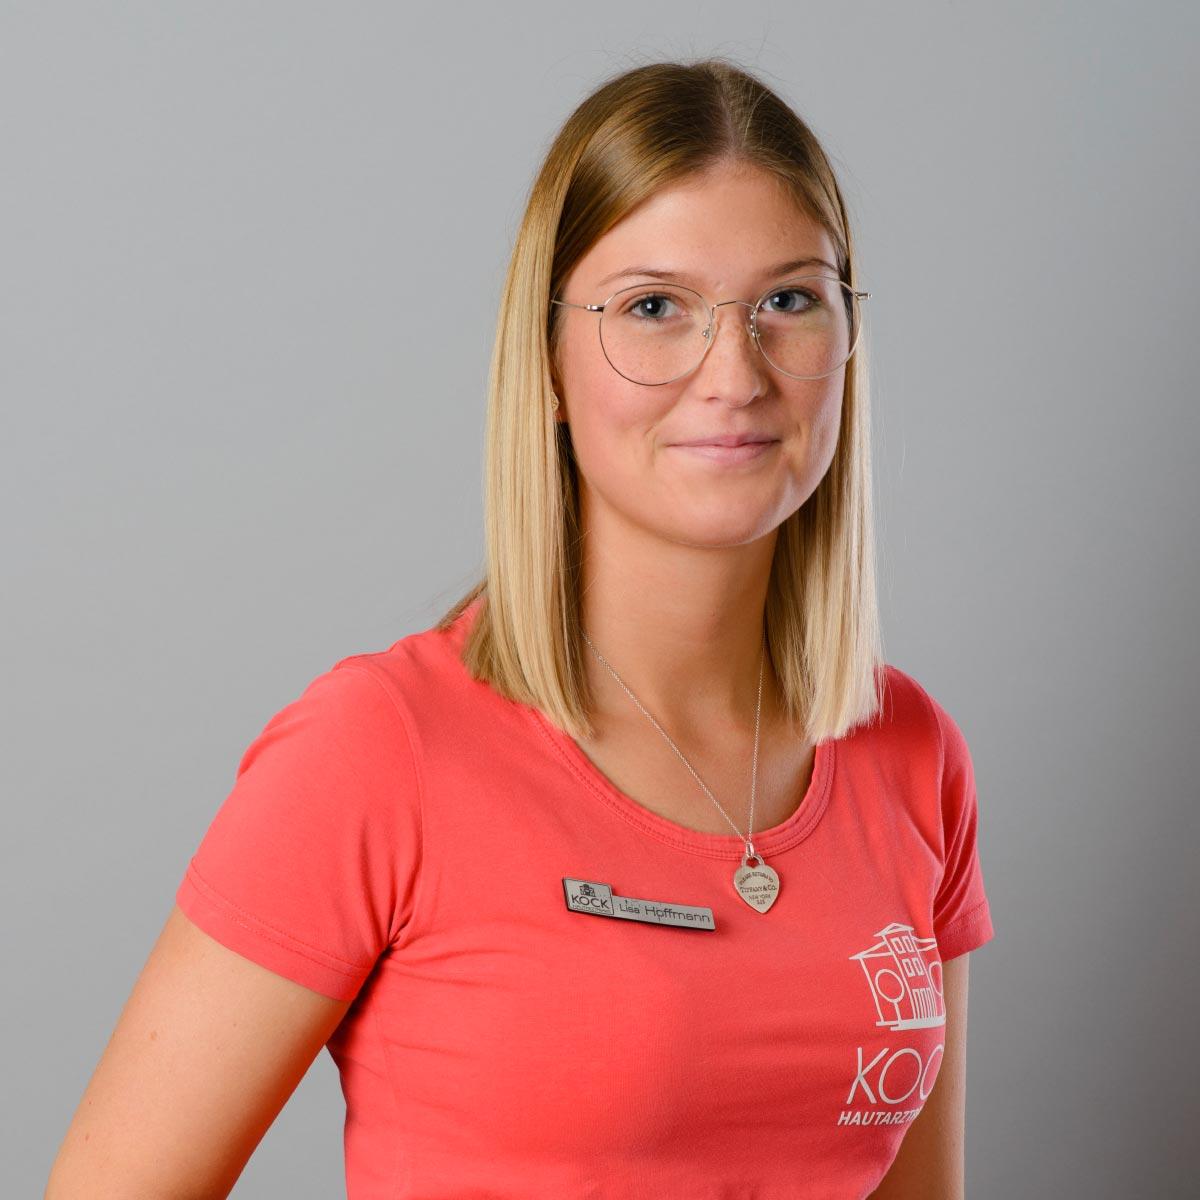 Hautarzt Hautarztpraxis Kock Vechta Team